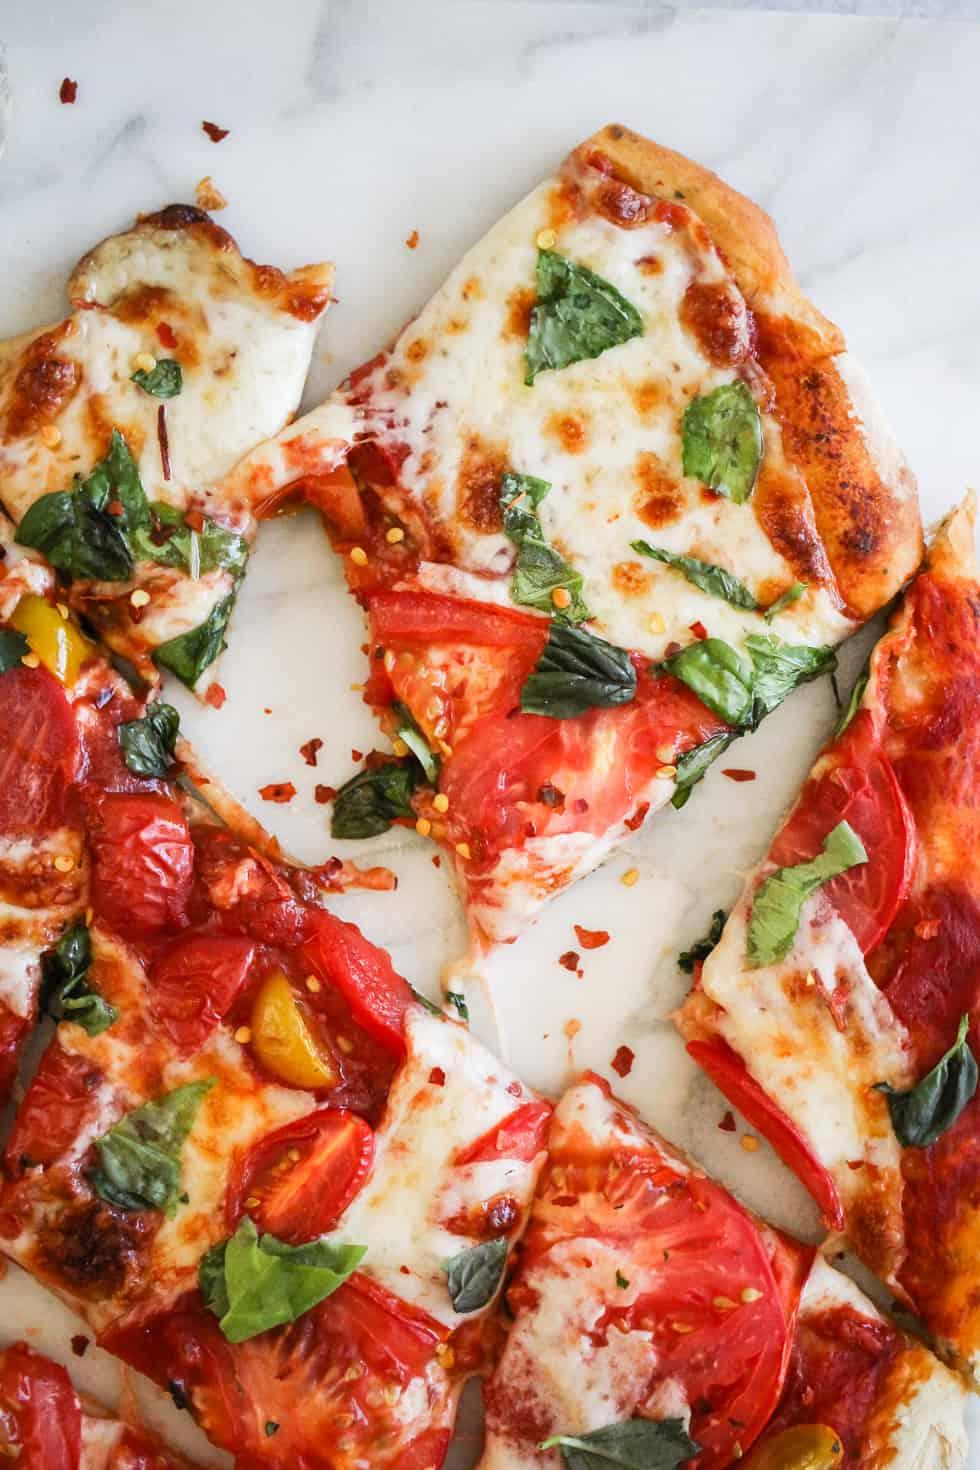 Sliced of vegetable pizza on white marble slab.